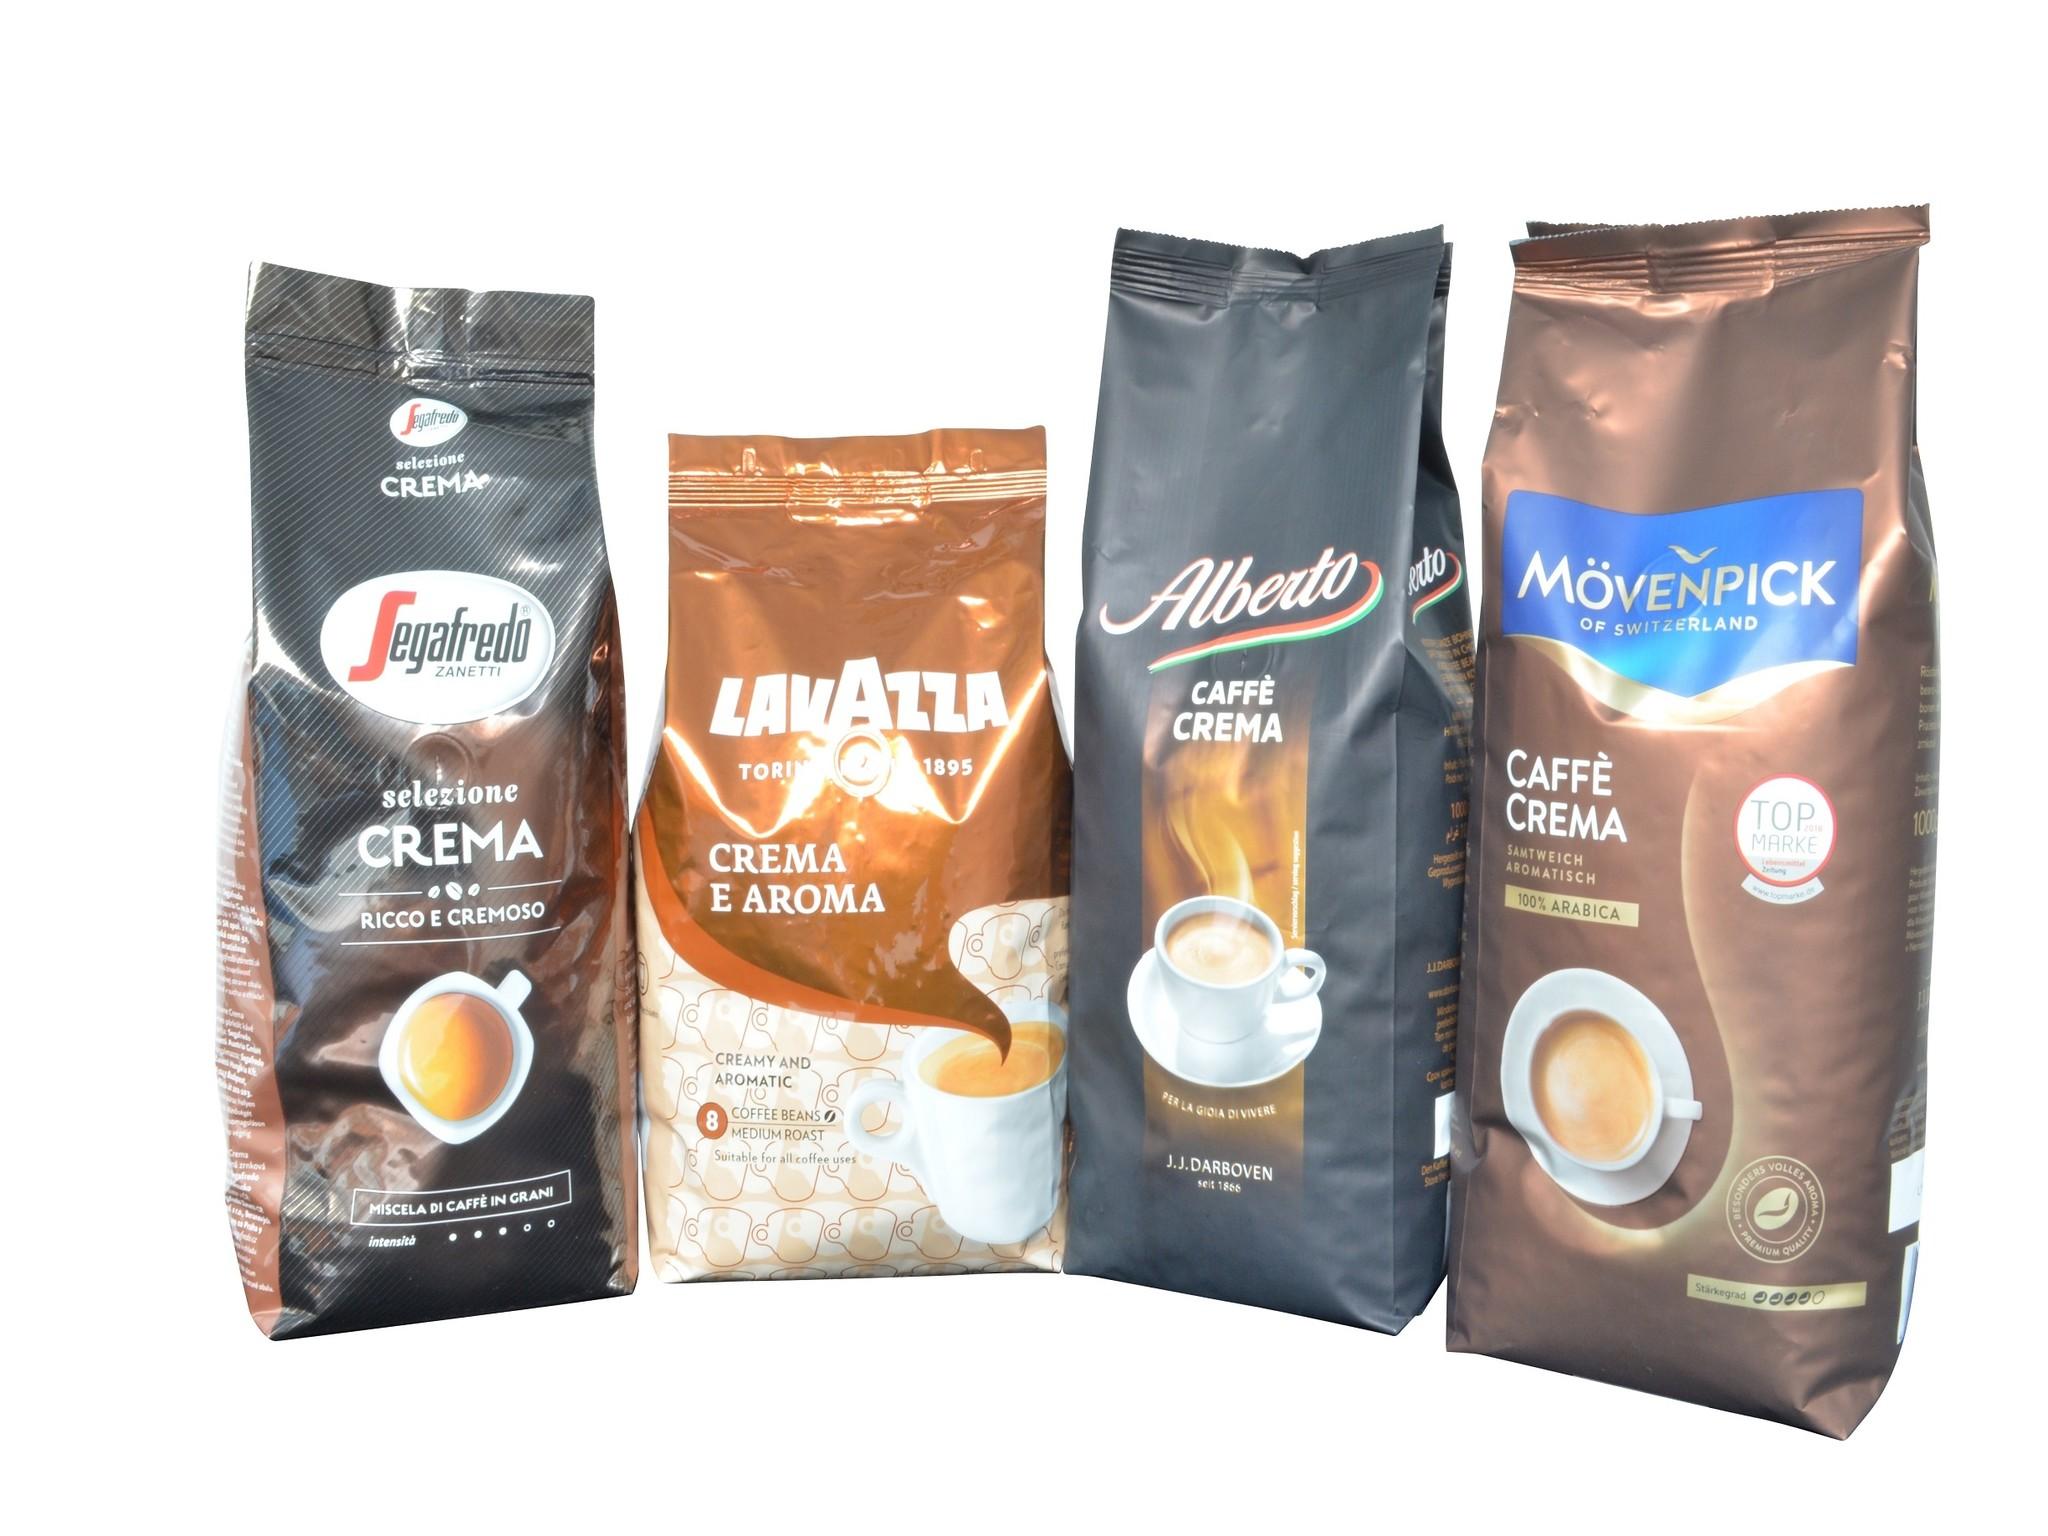 Musterpaket Cappuccino 4 x 1 Kilo